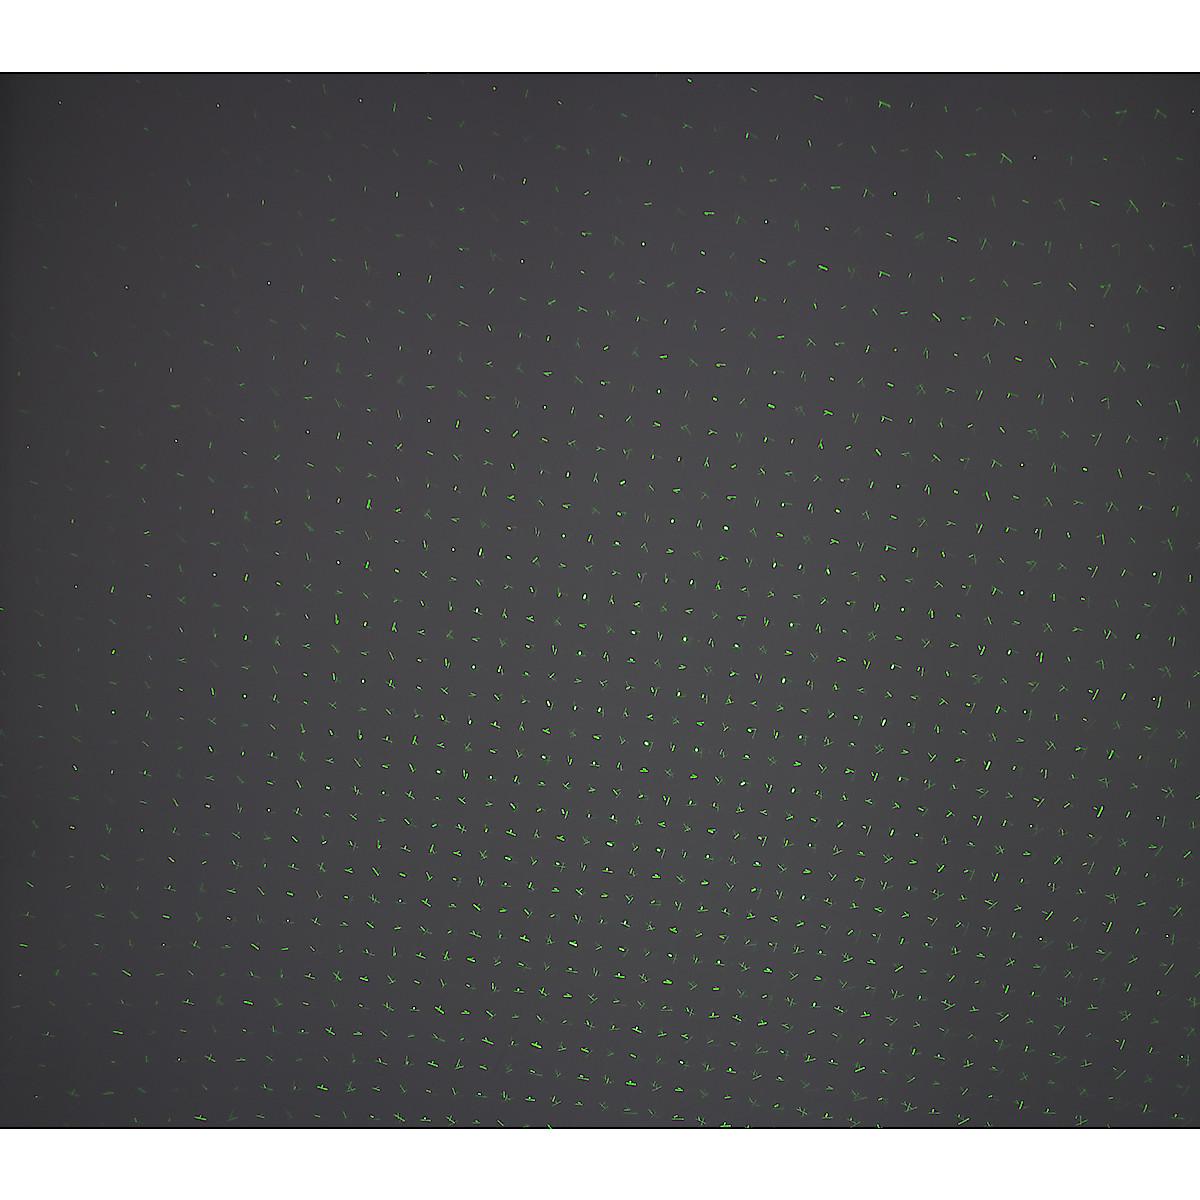 Laserprojektori ulkokäyttöön